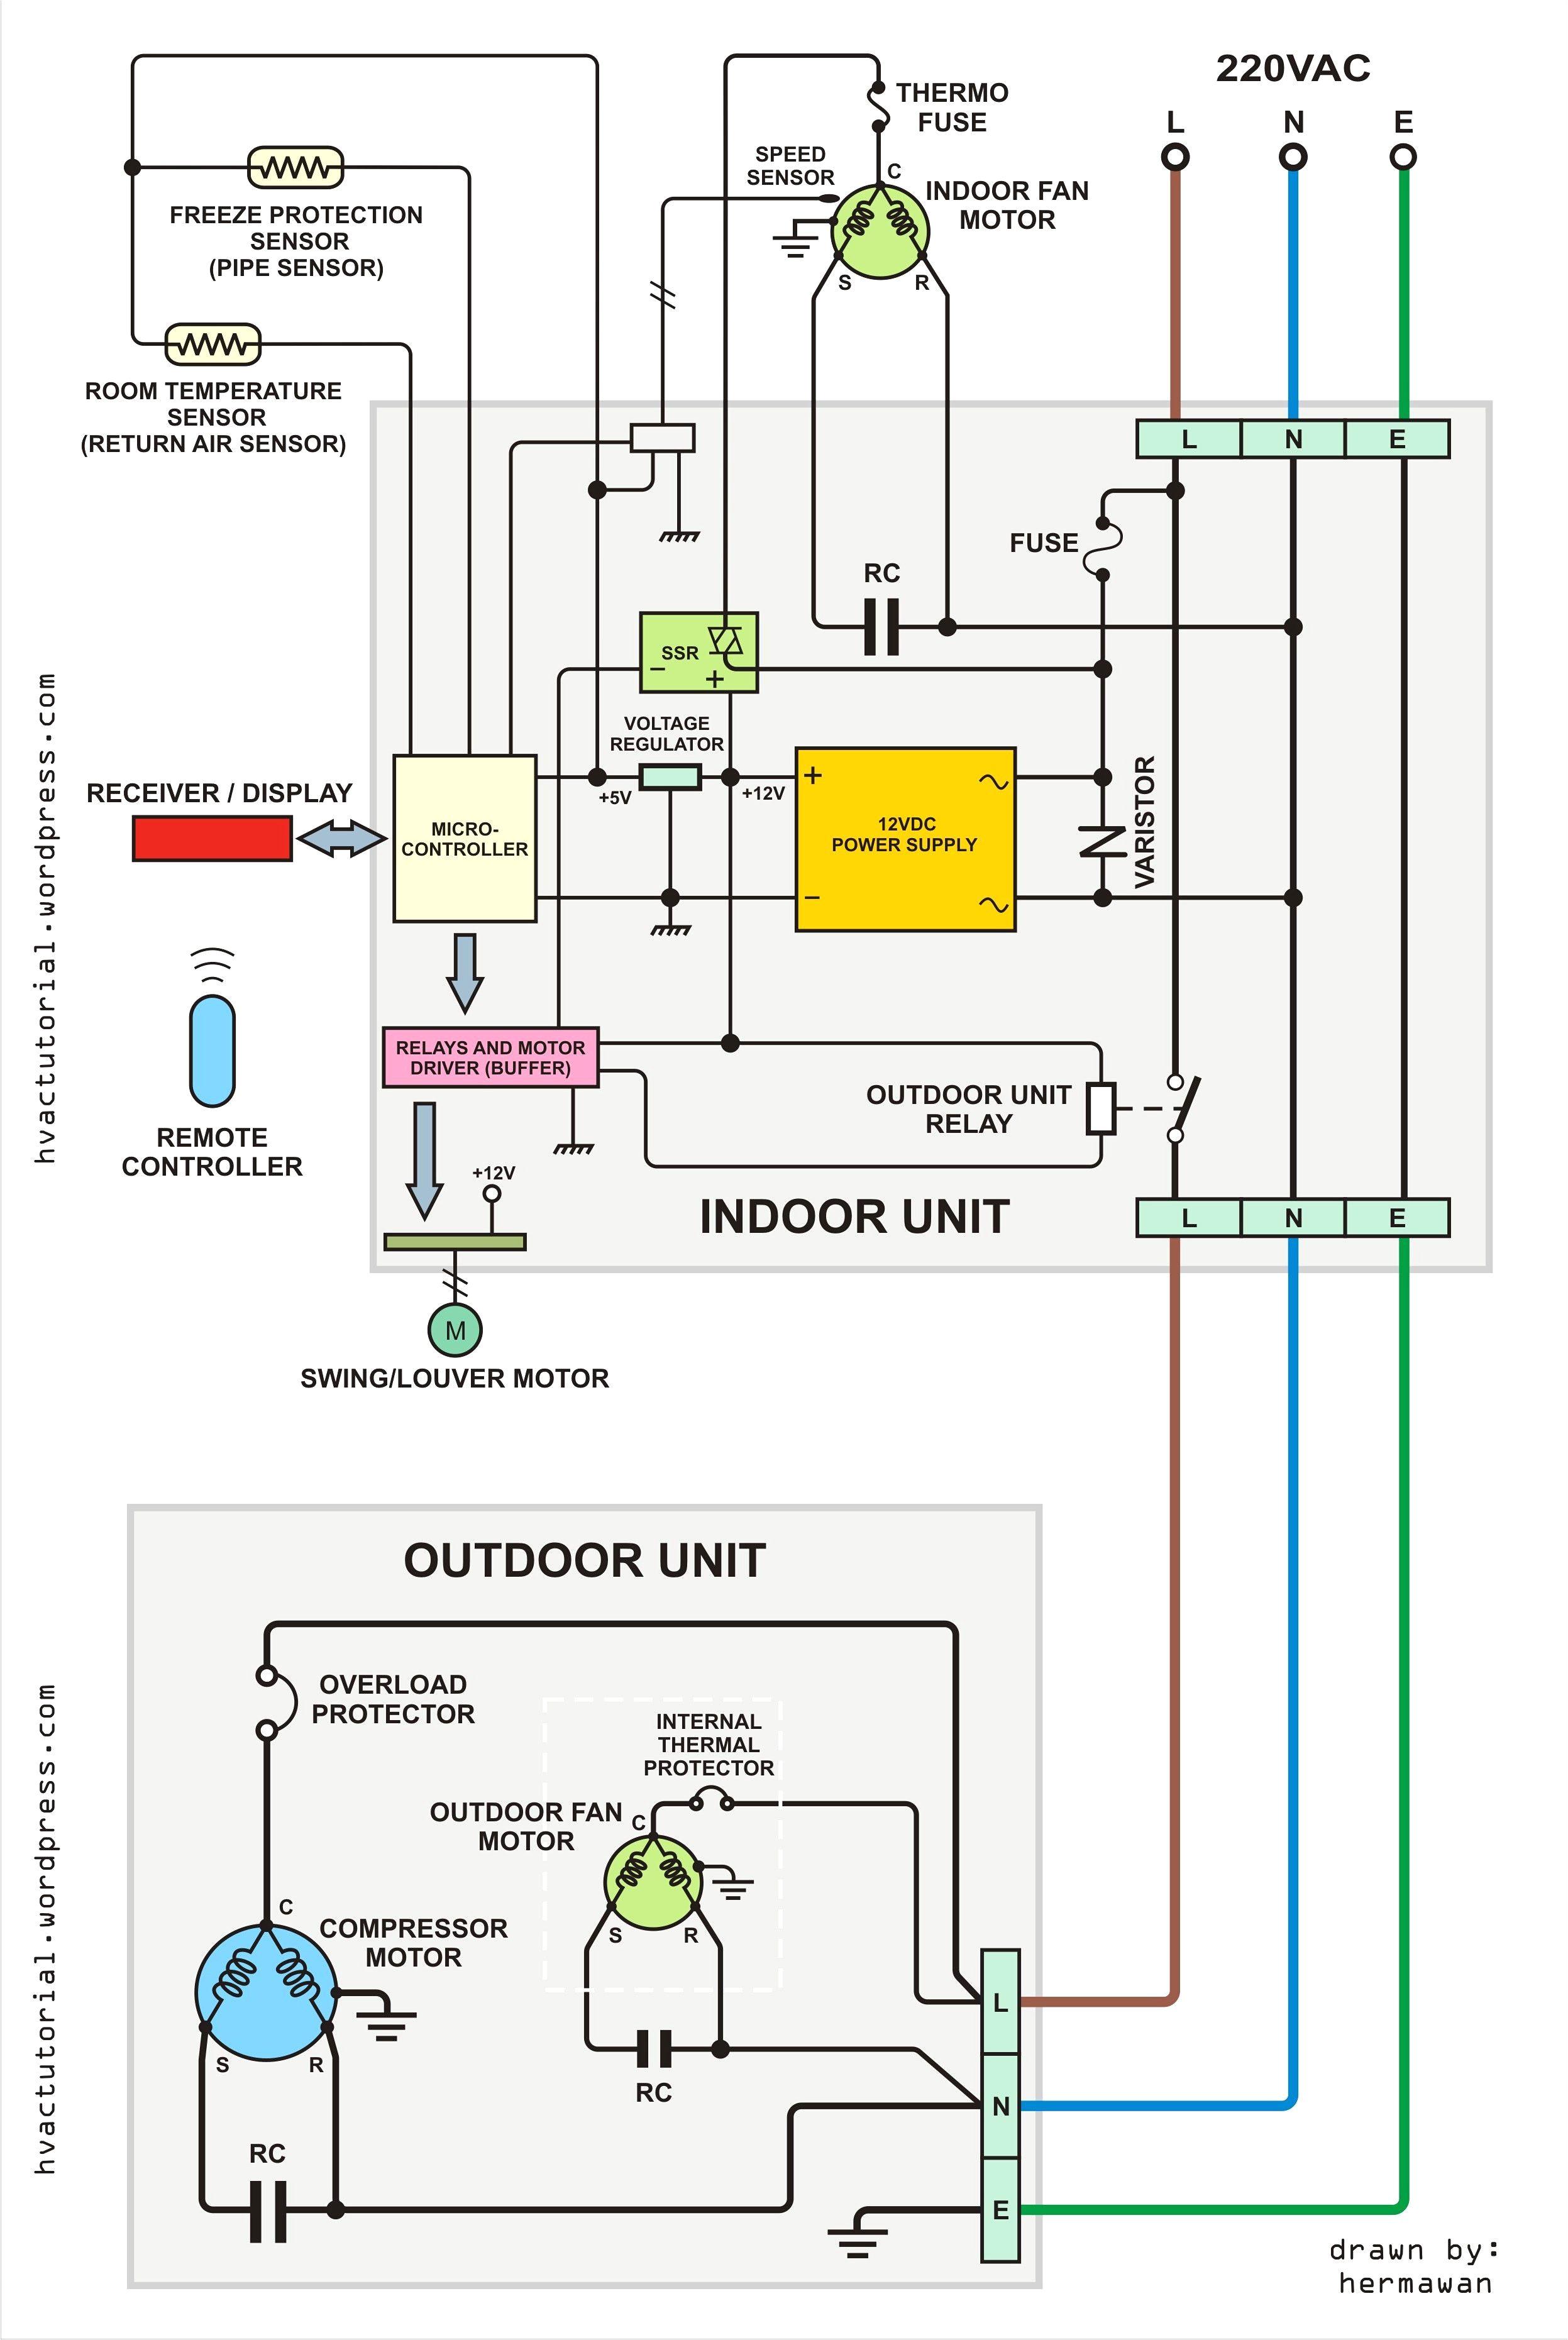 ac system wiring diagram